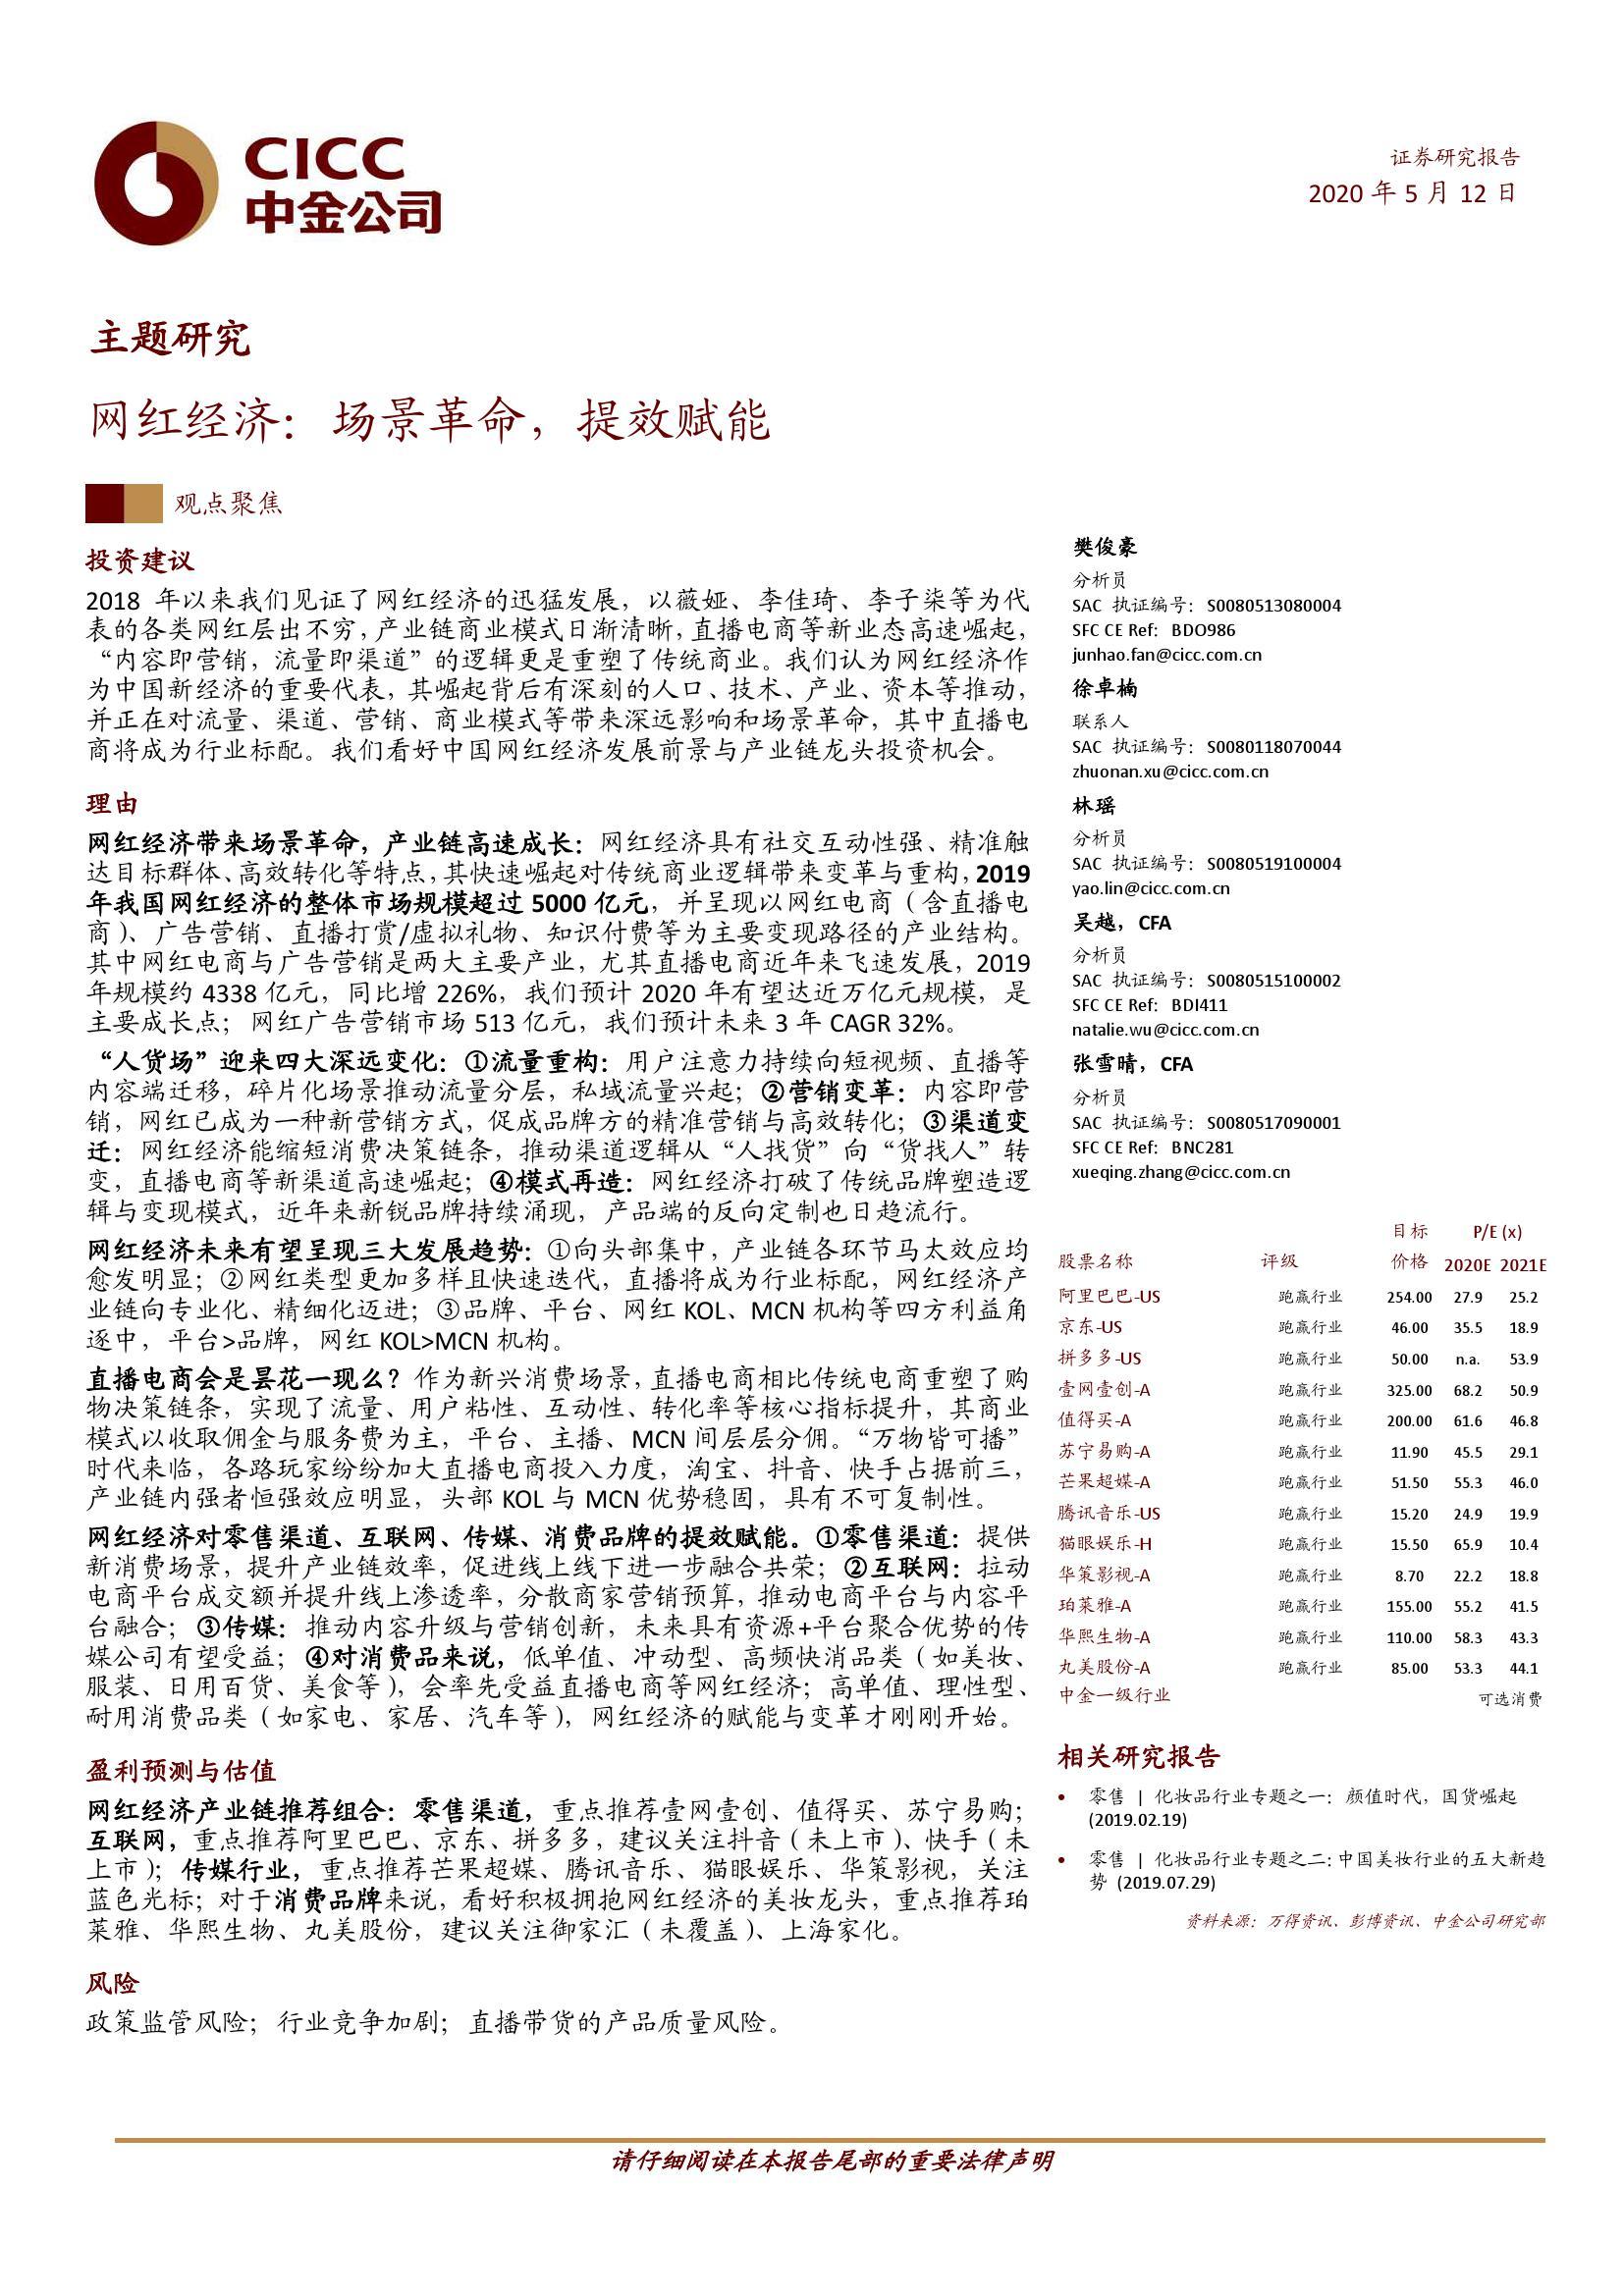 网红经济:场景革命,提效赋能(附下载)